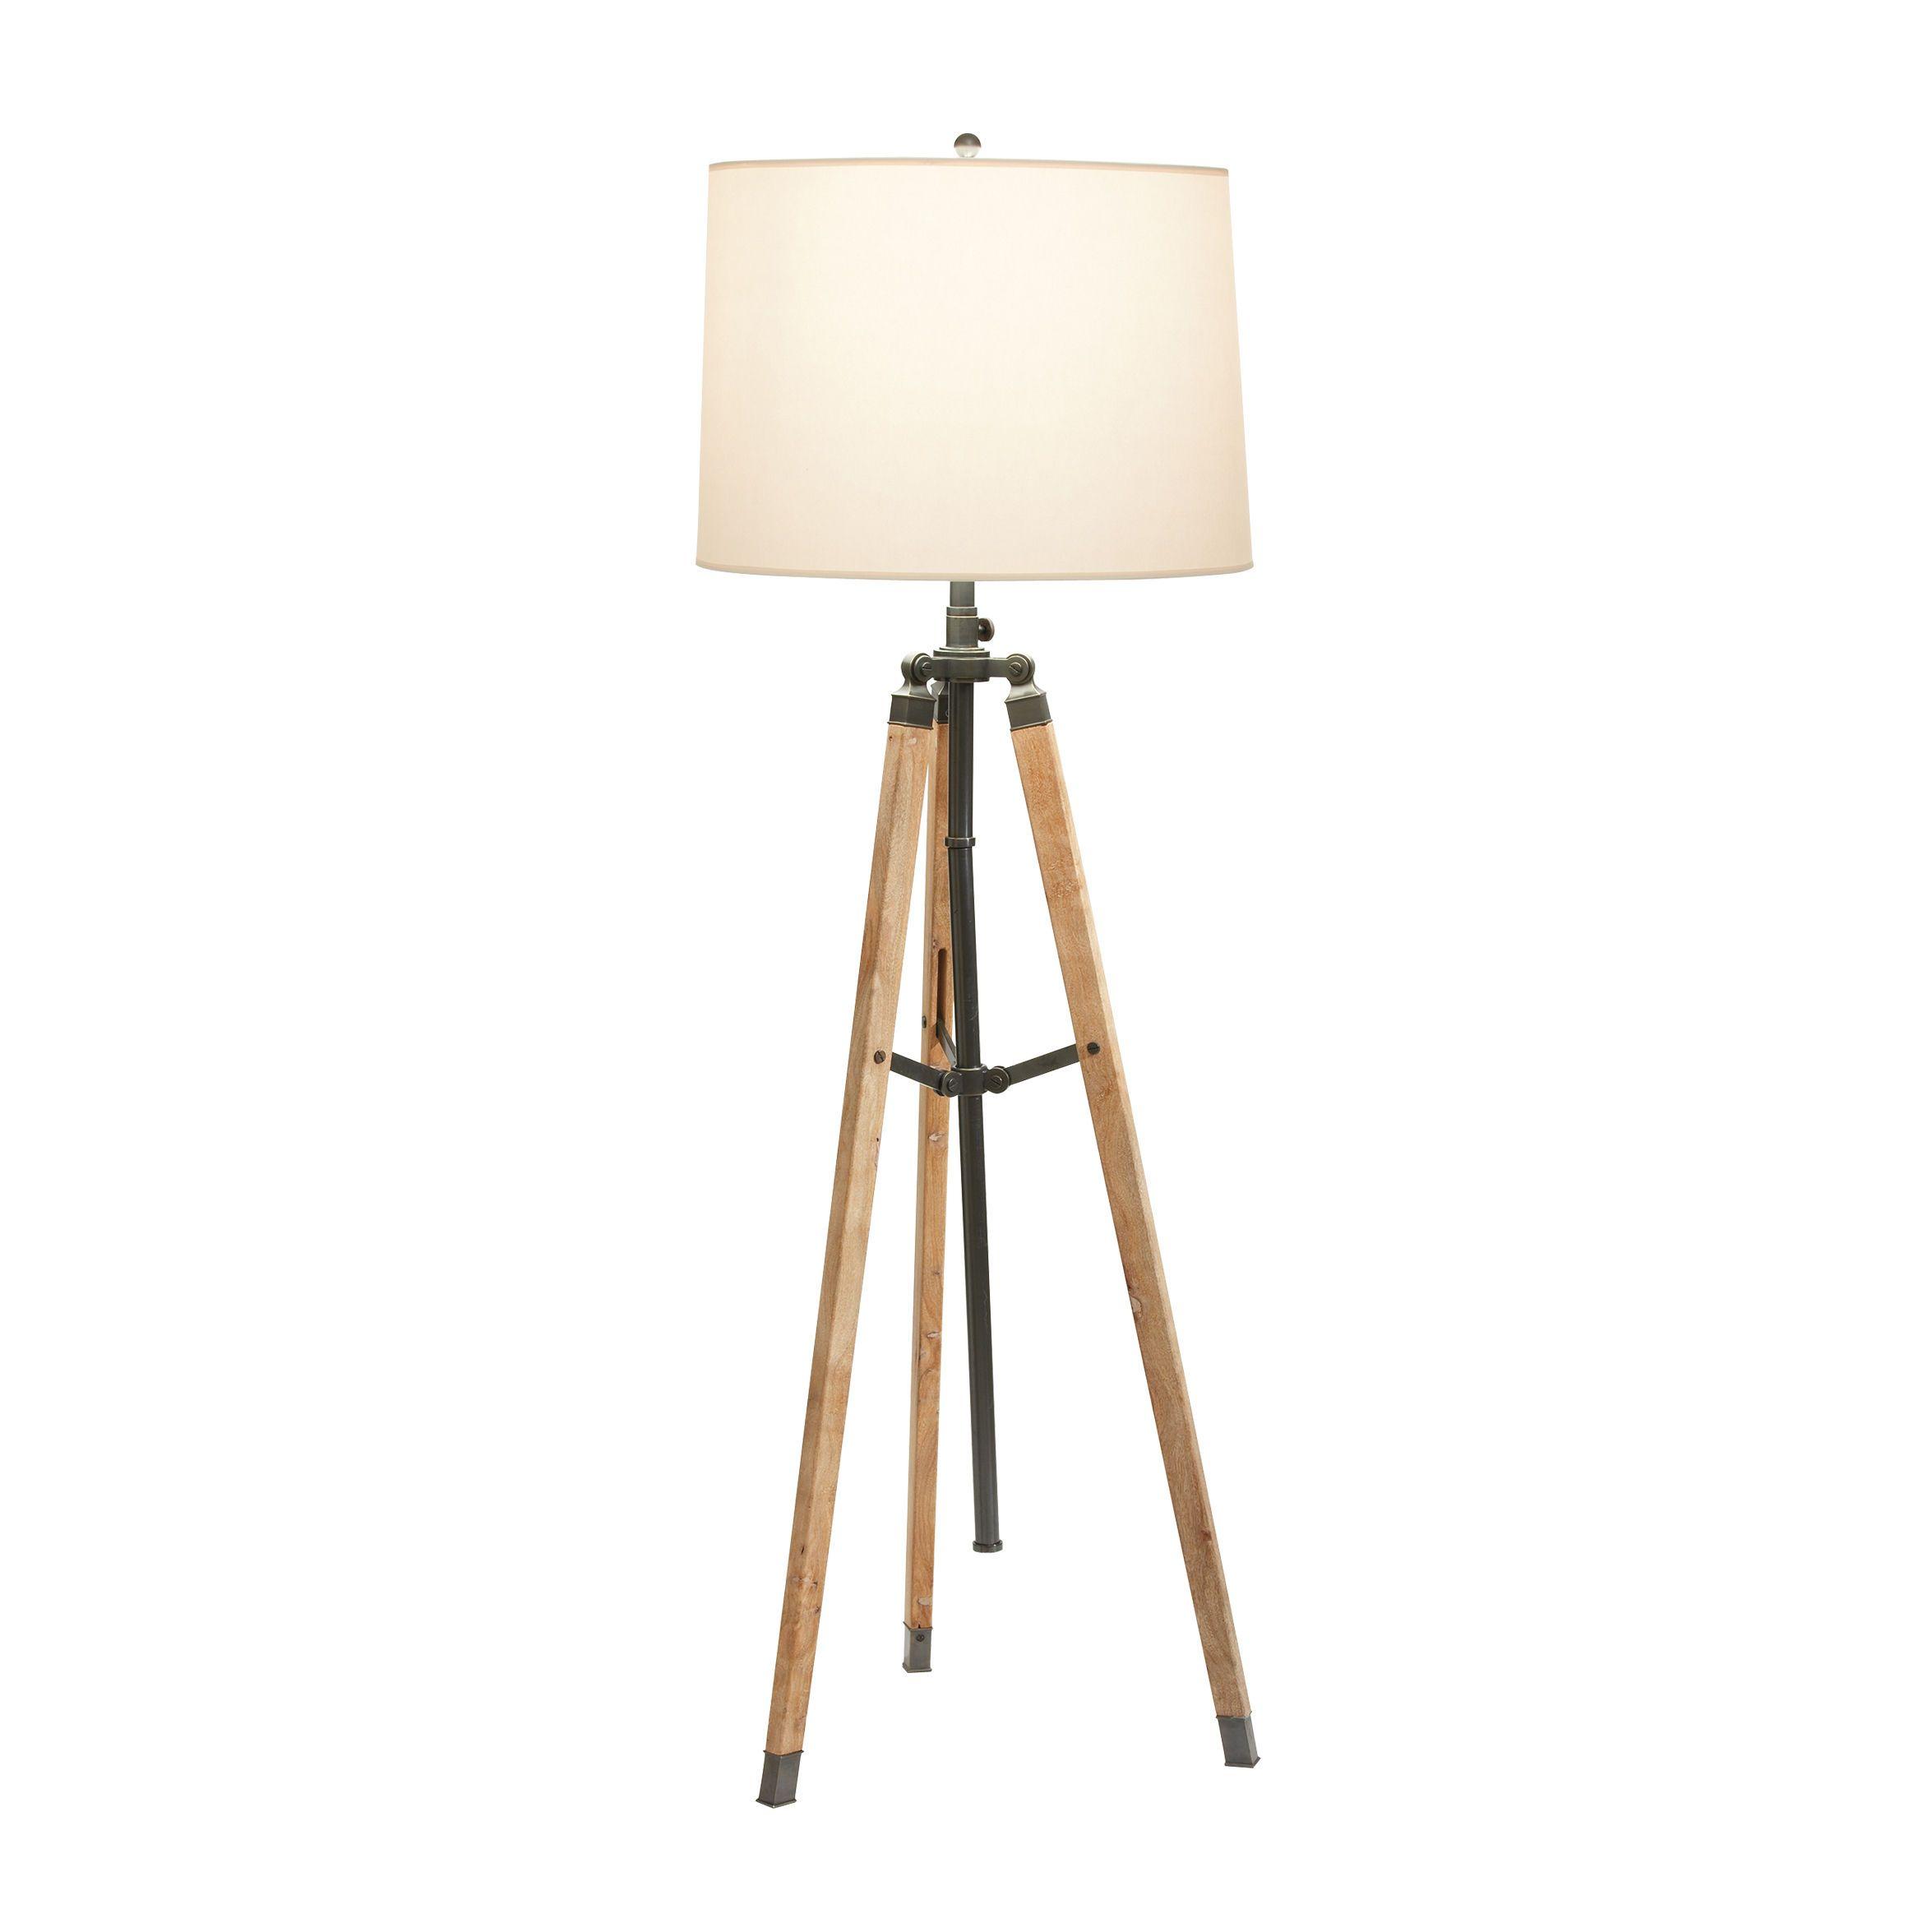 Surveyor's Bronze Floor Lamp Ethan Allen US Bronze